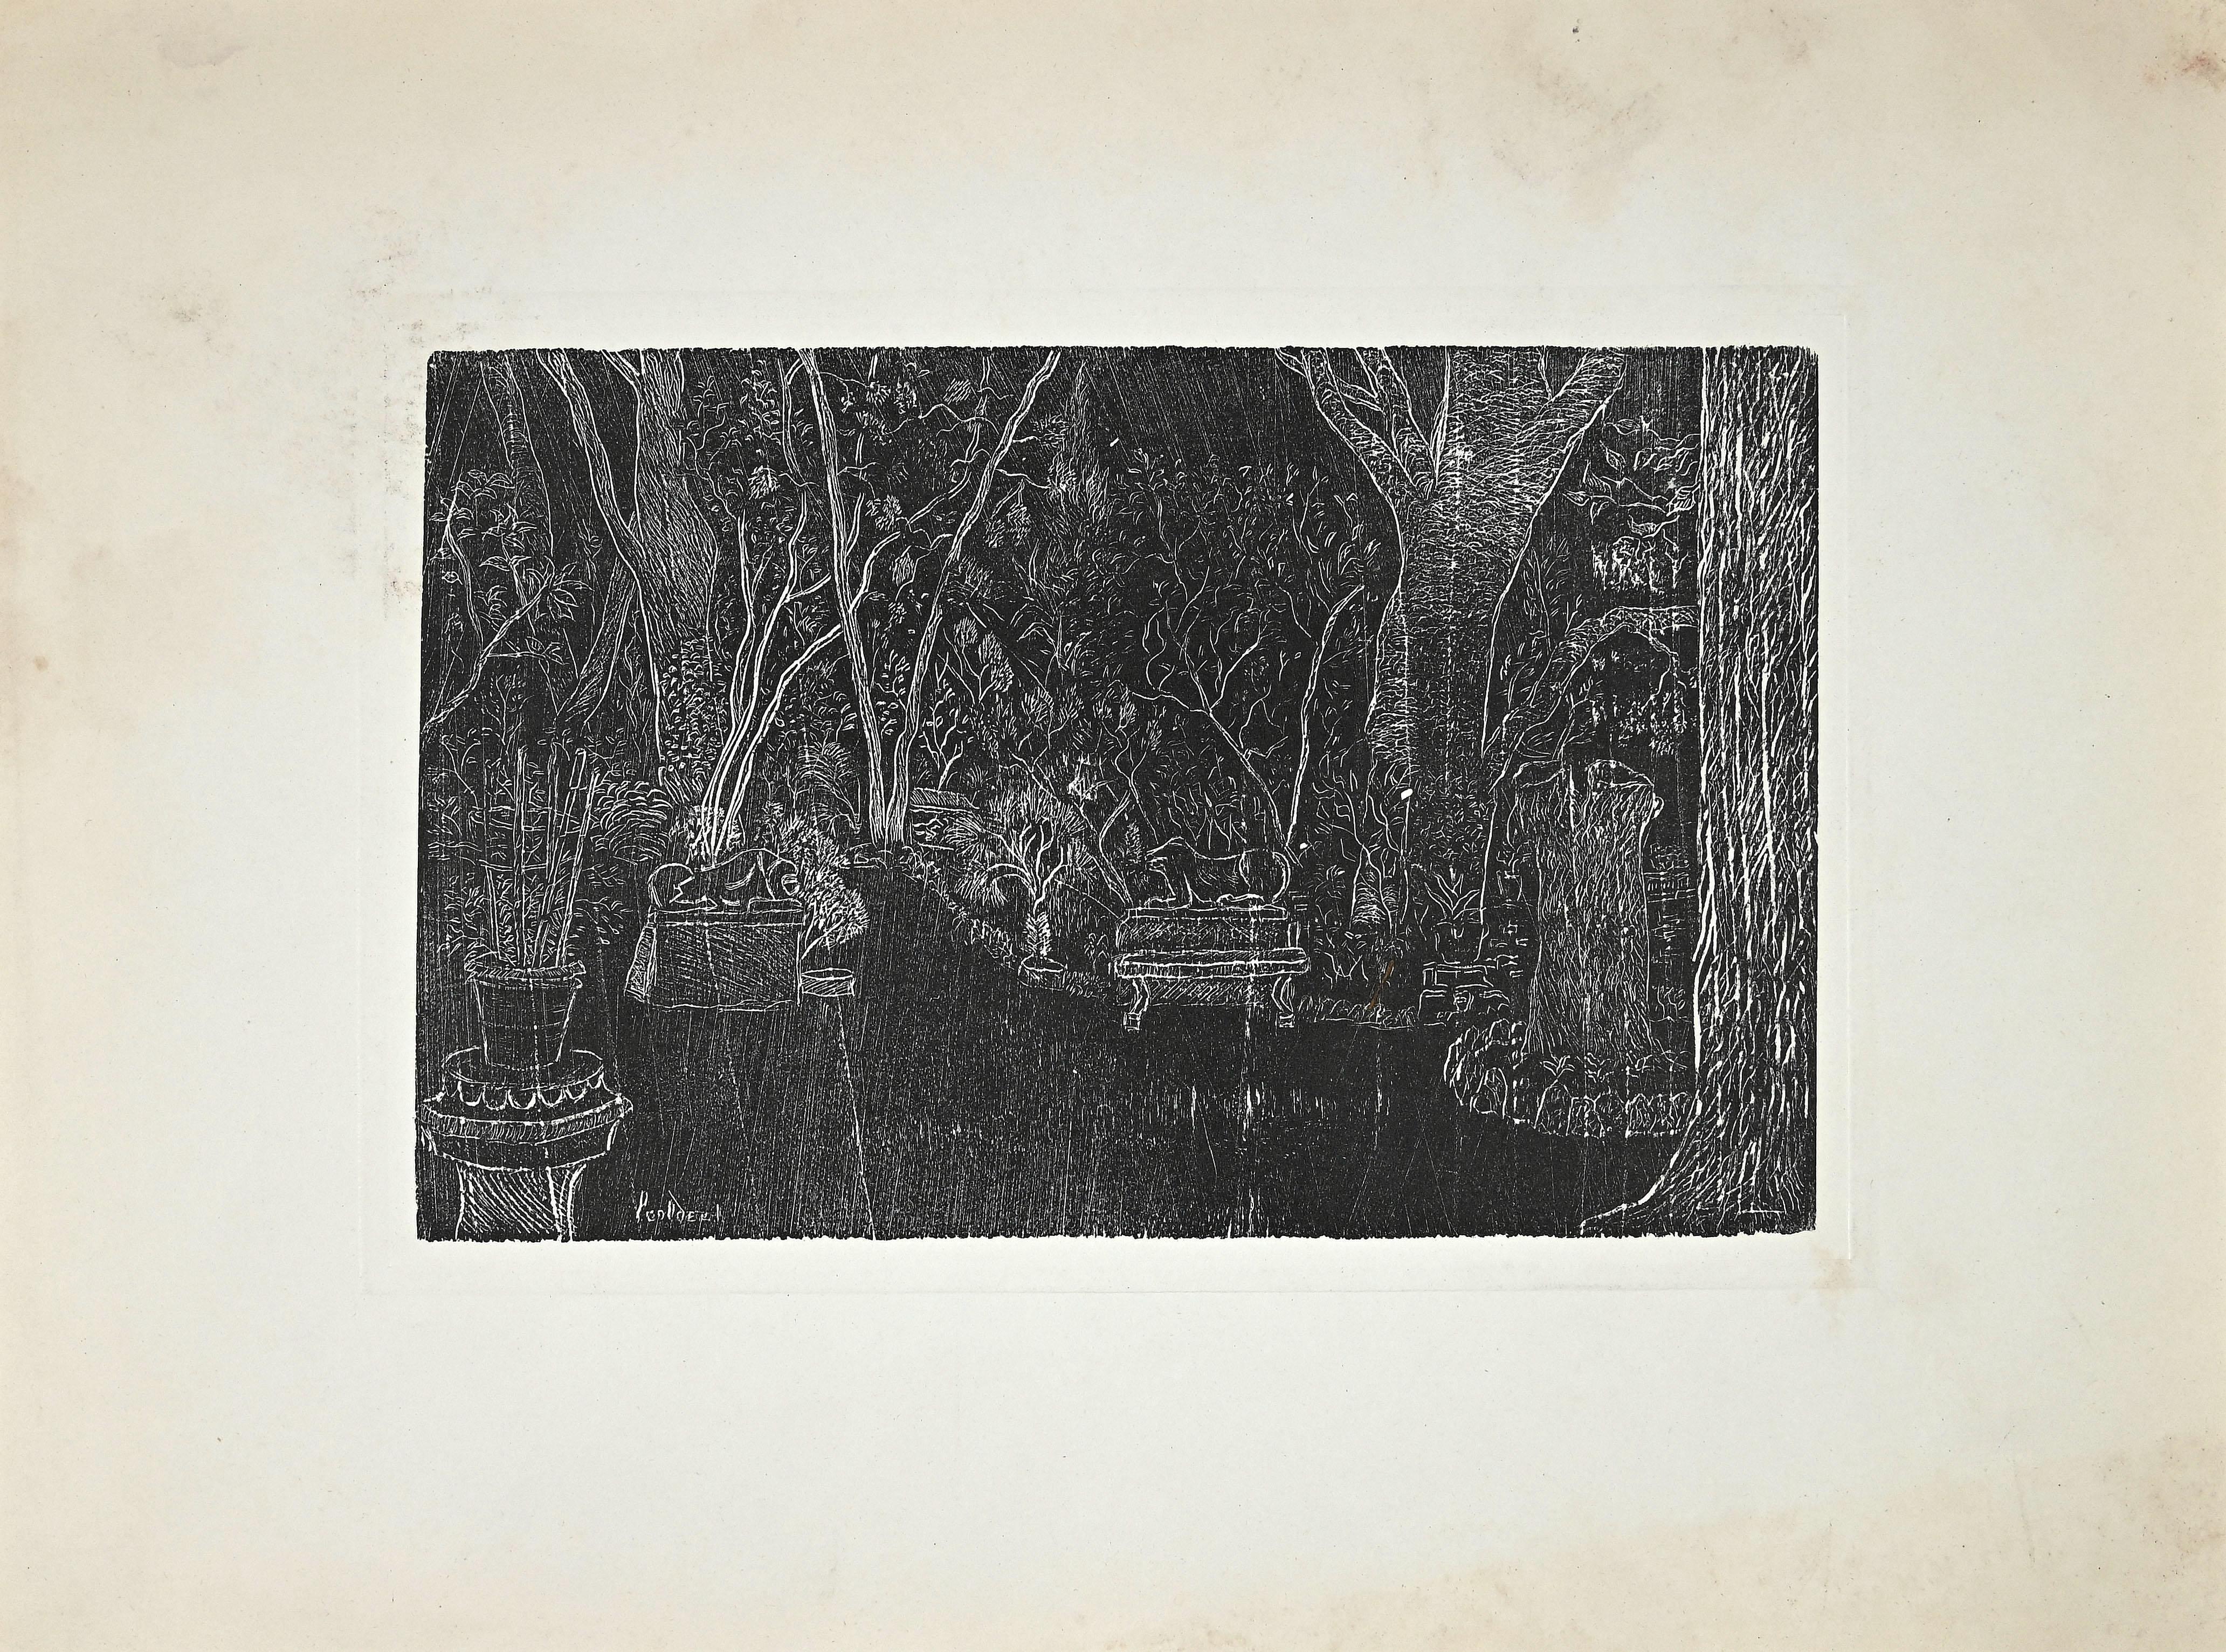 Price - Garden - Original Etching by Eduardo Paolozzi - Late 20th century